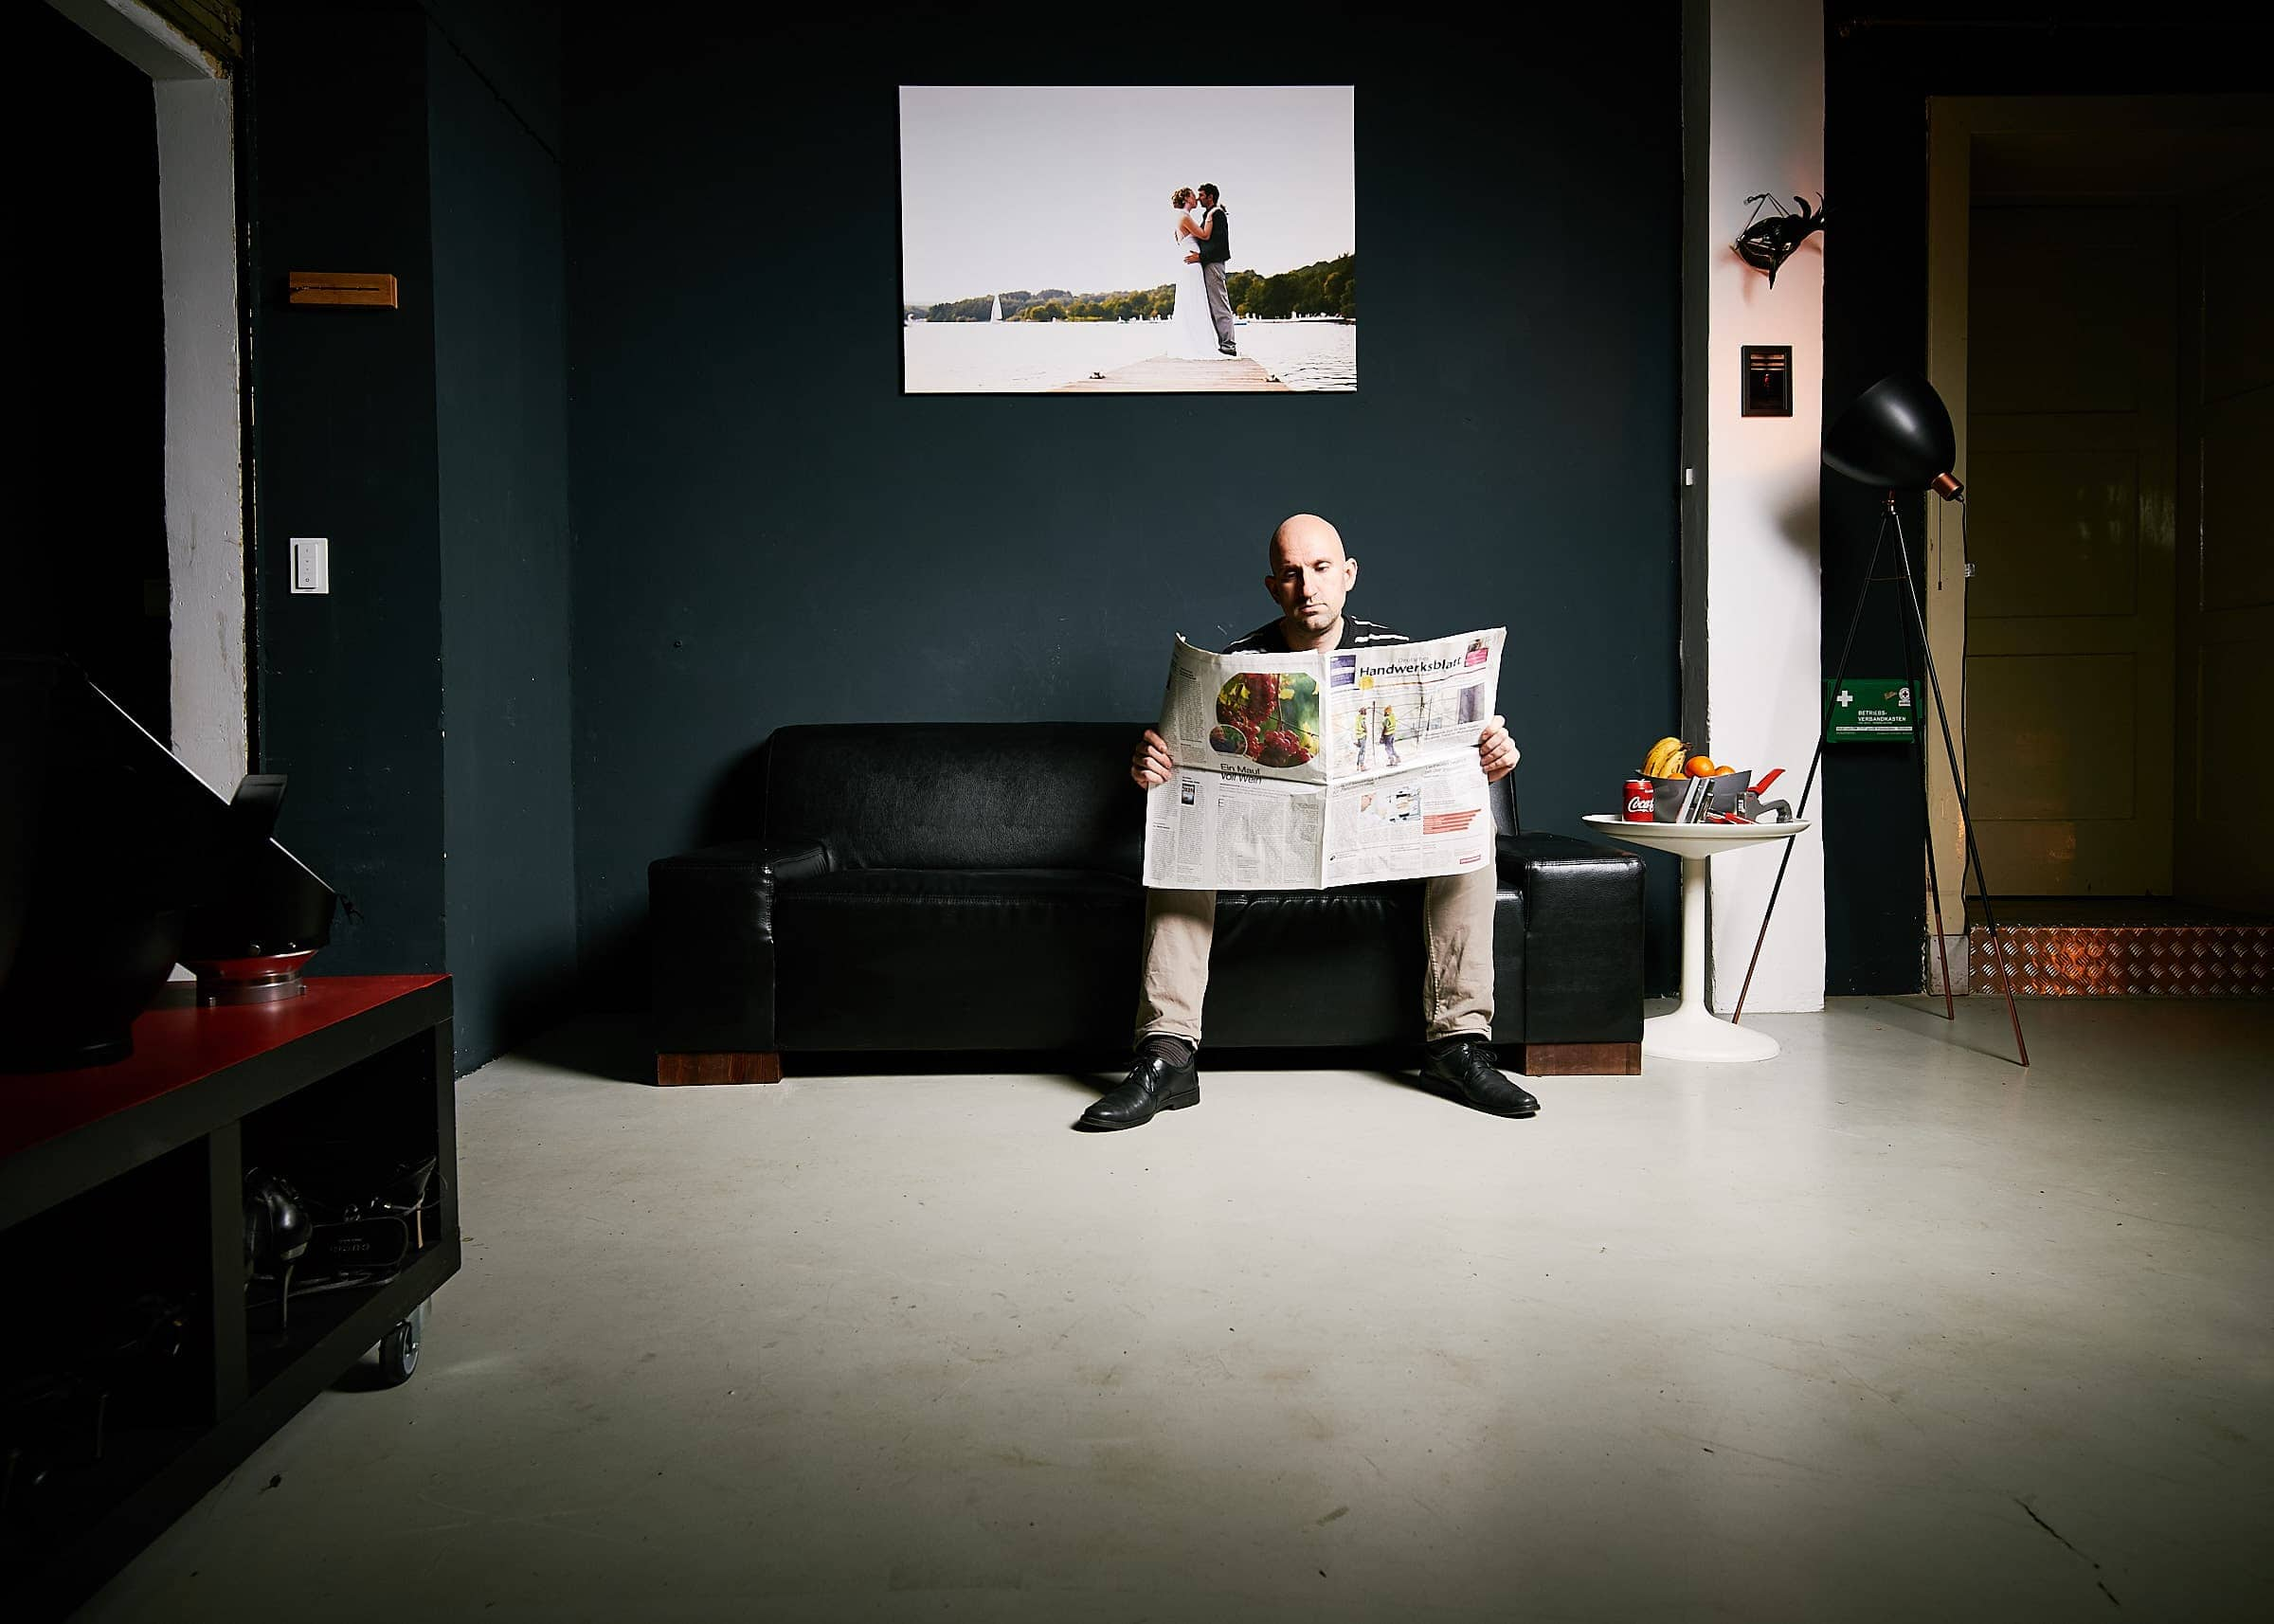 Druck von Leinwänden im Fotostudio von Kliewer Fotografie